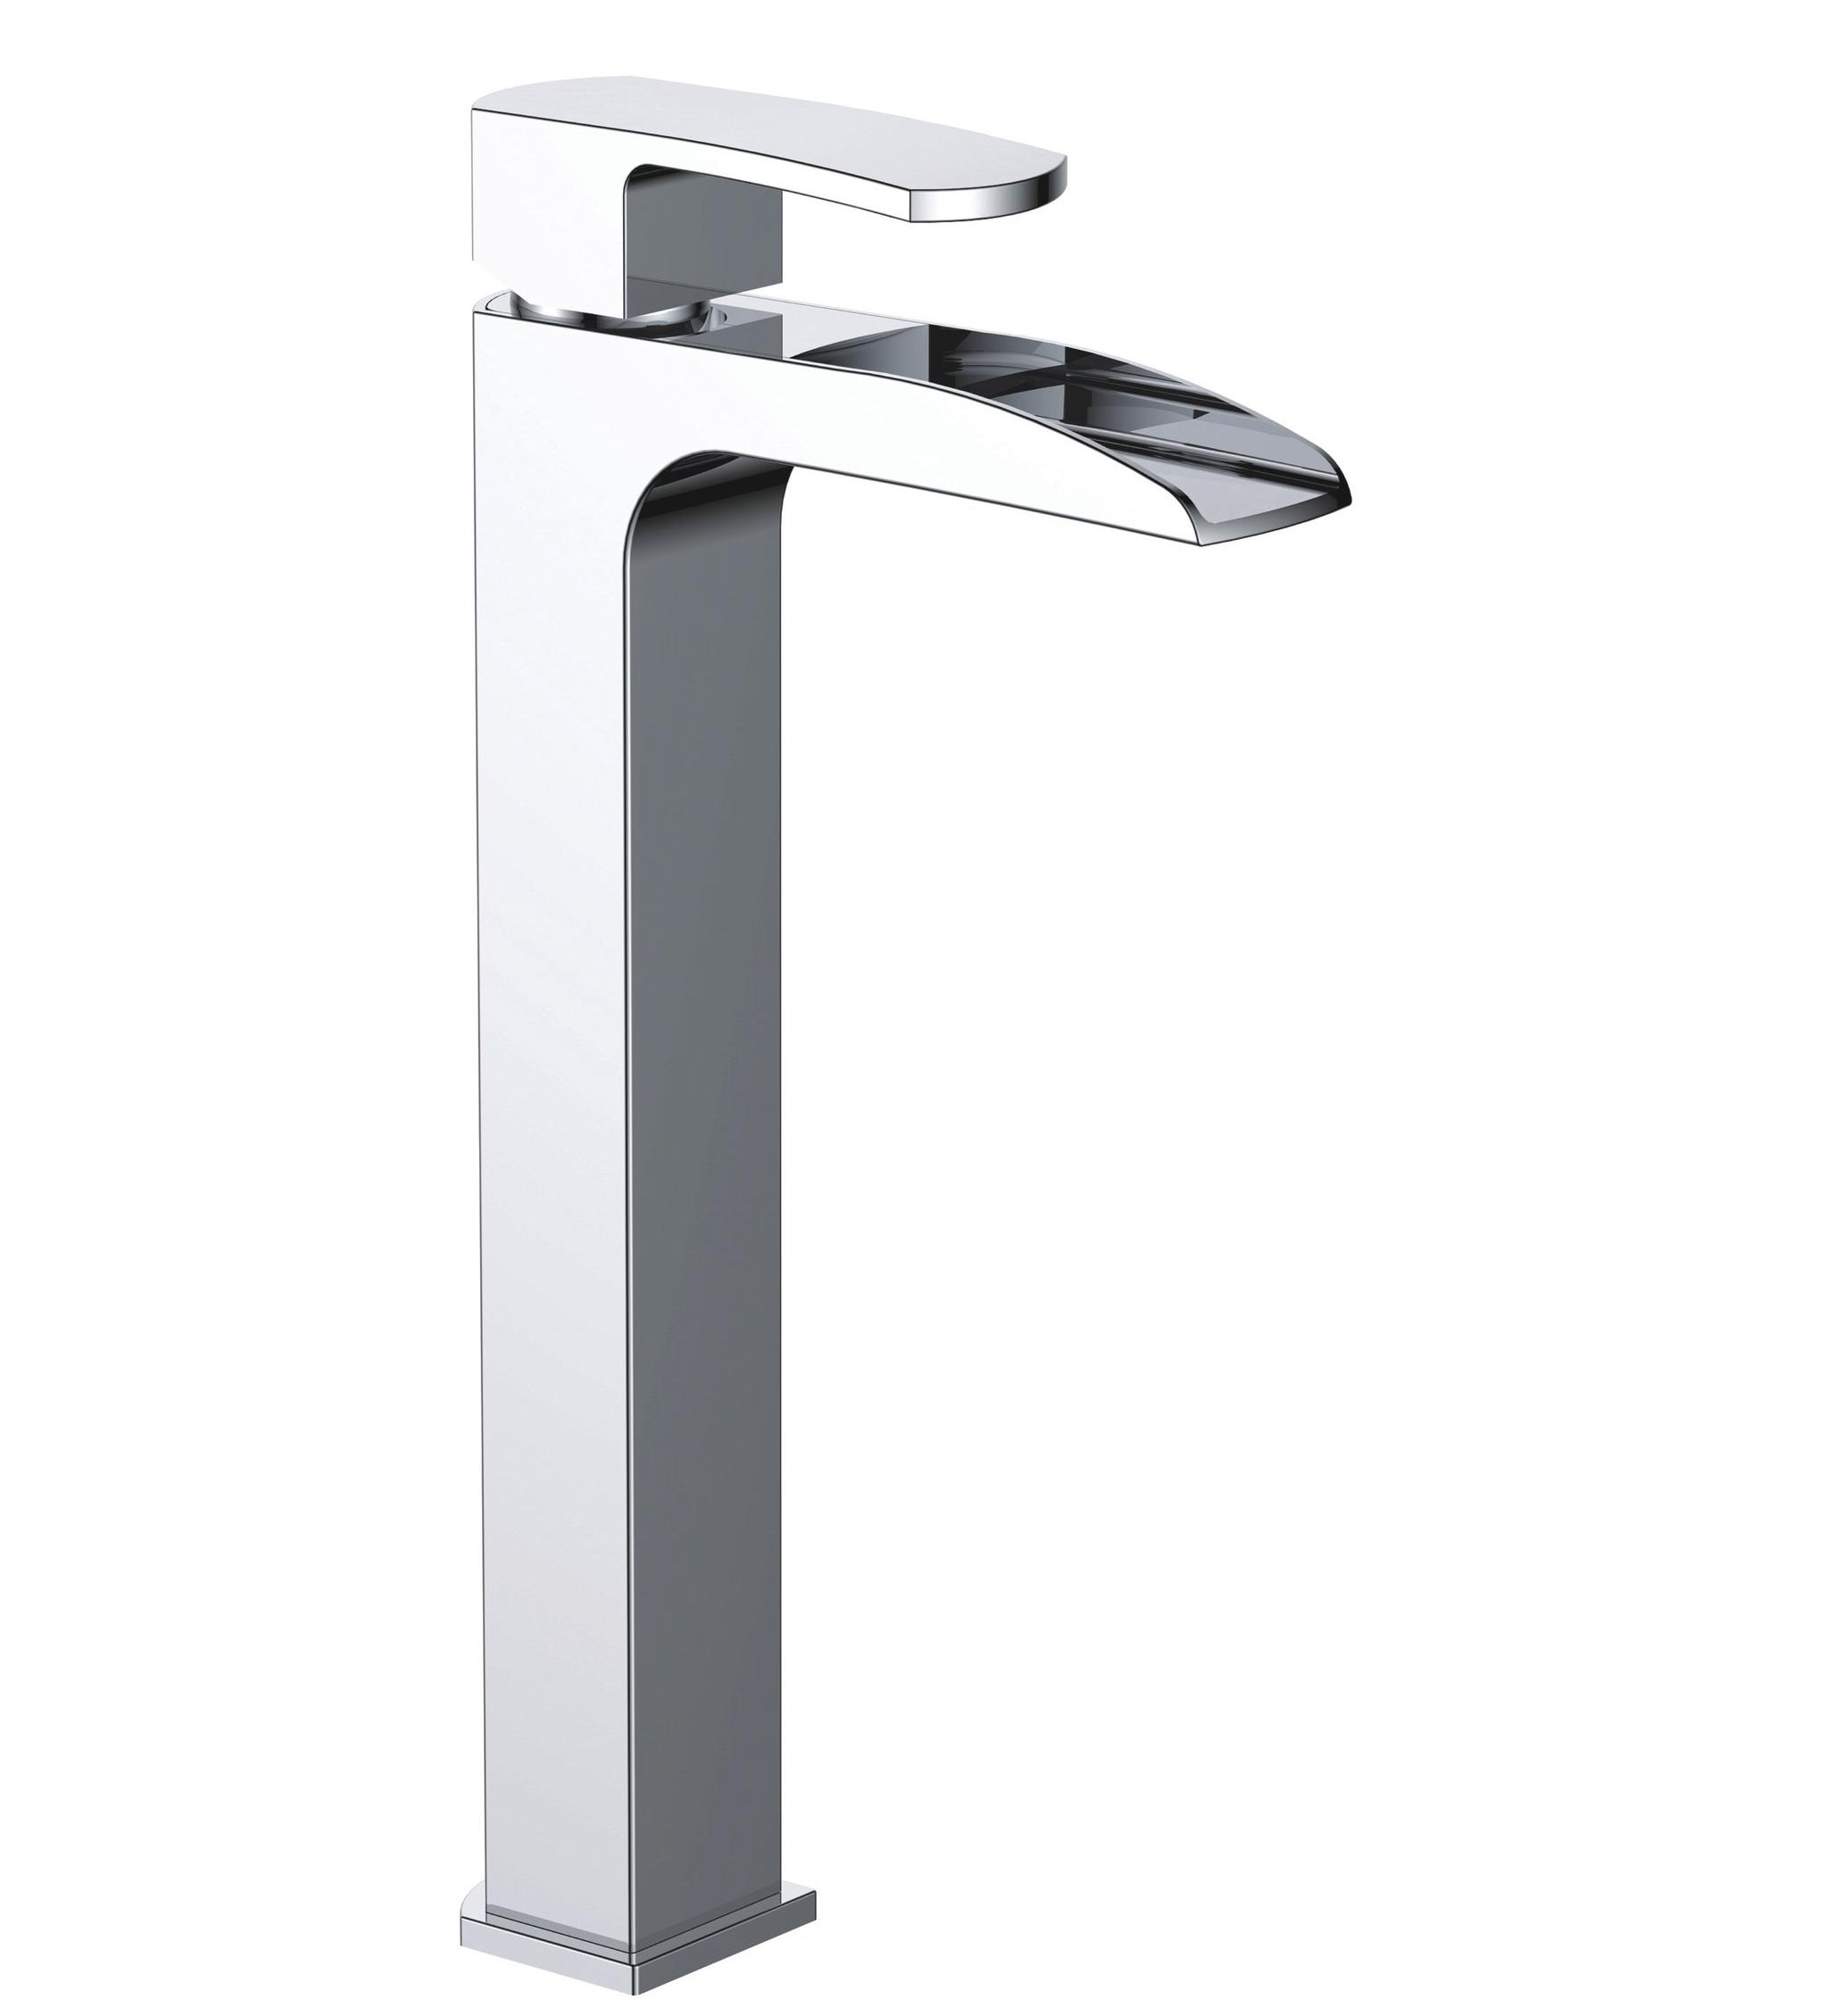 735-104: Basin faucet